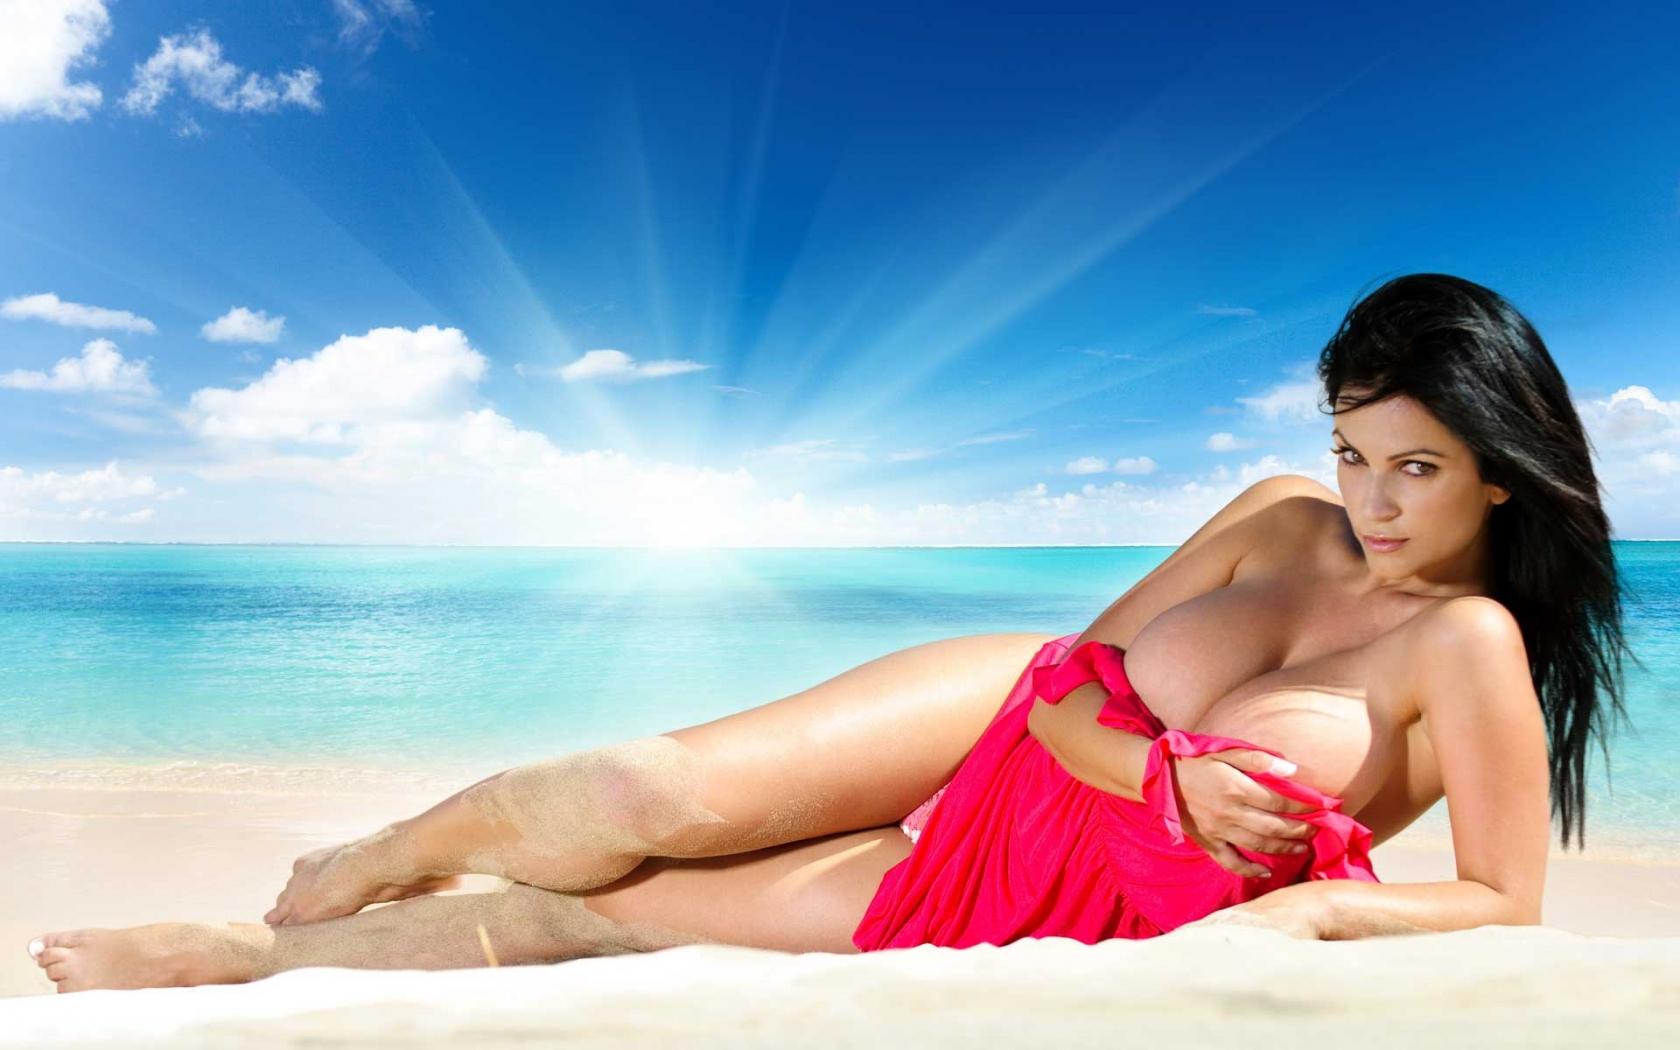 Hot Girl HD Wallpaper